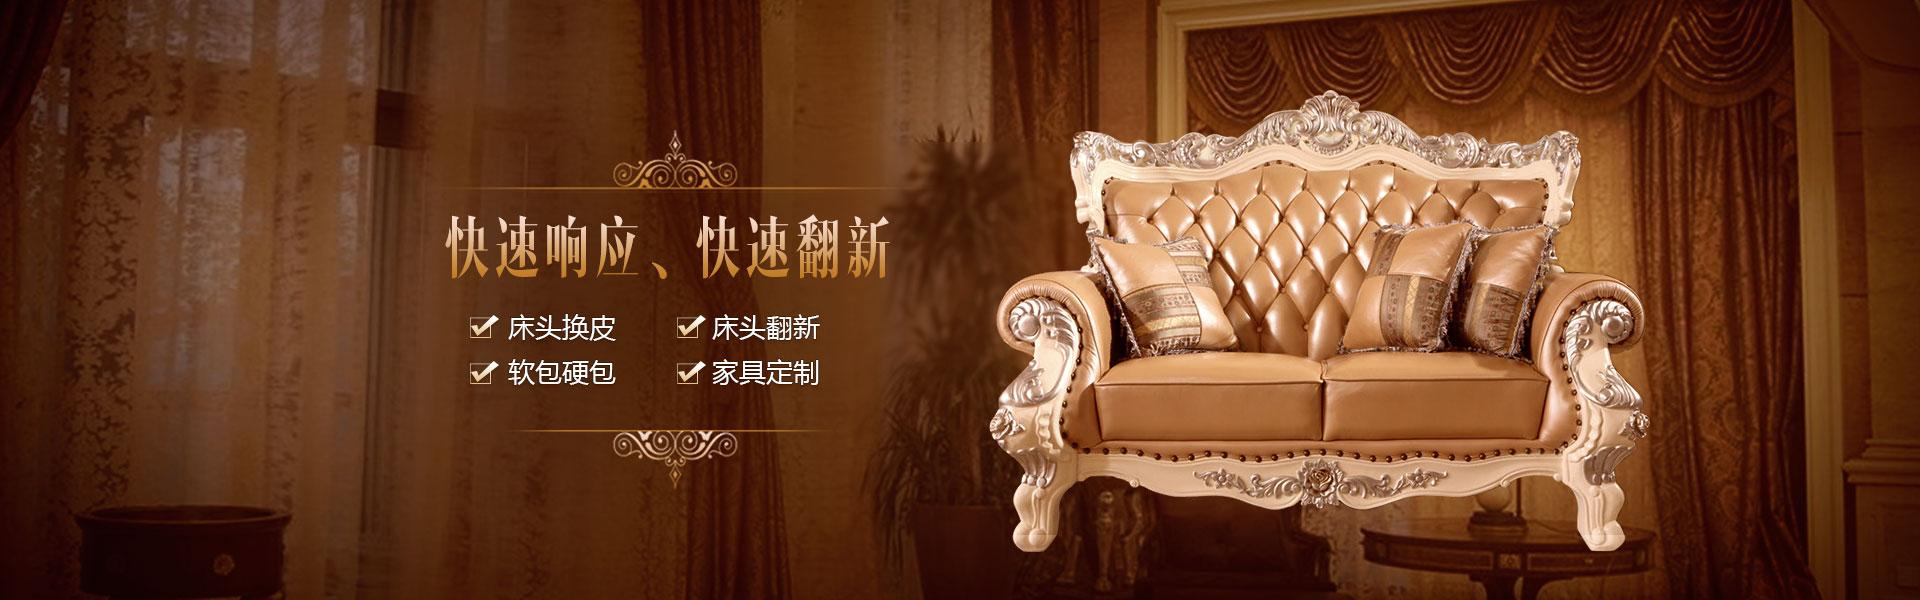 重庆沙发翻新